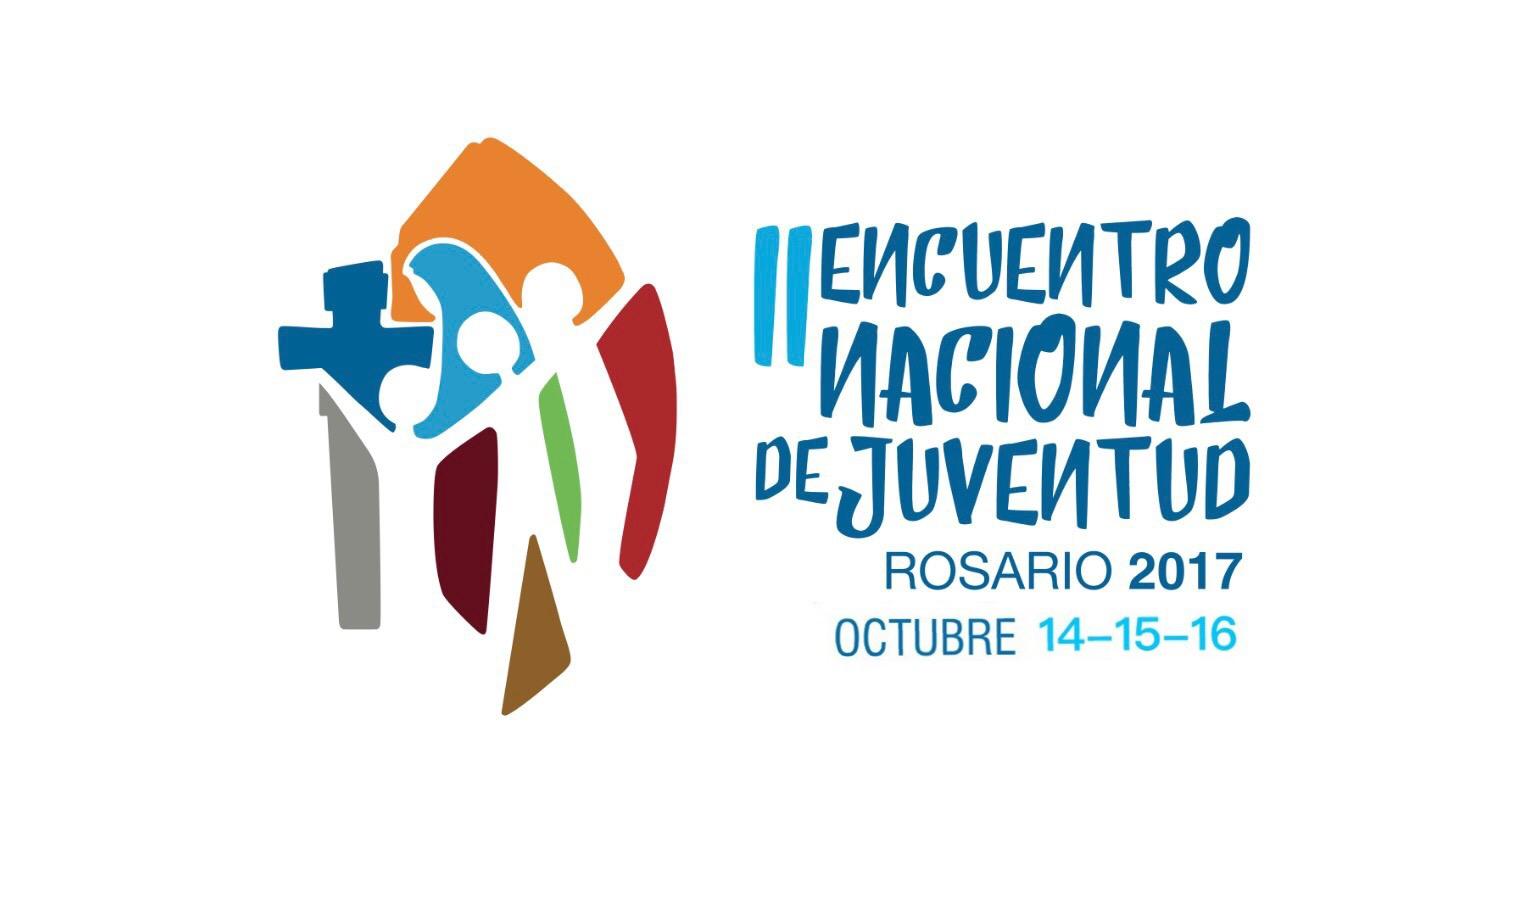 """En octubre de 2017, la ciudad de Rosario (Santa Fe), será sede del II Encuentro Nacional de Juventud (ENJ), organizado por la Pastoral Nacional de Juventud. Con el lema """"Con Vos renovamos la historia"""", se anhela que miles de los jóvenes de la Argentina se vuelvan a congregar, tal como lo hicieron en 1985. El II Encuentro Nacional de Juventud, organizado por la Pastoral Nacional de Juventud, se realizará los días 14, 15 y 16 de octubre de 2017, en Rosario (Santa Fe). El primero de estos encuentros juveniles se realizó en 1985, en la ciudad de Córdoba, y convocó a más de 1200.00 jóvenes de todo el país. Con esta segunda edición, se espera poder volver a congregar a miles de personas, con el objetivo de """"vivir una 'Iglesia en salida' renovando la opción preferencial por los jóvenes, saliendo a su encuentro como discípulos y misioneros"""", como invita el Proyecto de Revitalización de la Pastoral de Juventud.  También, buscará """"generar un espacio de escucha donde los jóvenes compartan su vida y su testimonio del encuentro con Cristo a los otros jóvenes"""", y """"reflexionar a la luz del Bicentenario de la Independencia de la Nación cuáles serán algunos rumbos concretos de compromiso como discípulos misioneros que podemos asumir como juventud de la Argentina"""". Según informaron los organizadores, """"el encuentro se realizará el fin de semana largo de octubre de 2017, los días 14, 15 y 16"""", con el lema """"Con vos, renovamos la historia"""", que estará representado también en el logo oficial."""